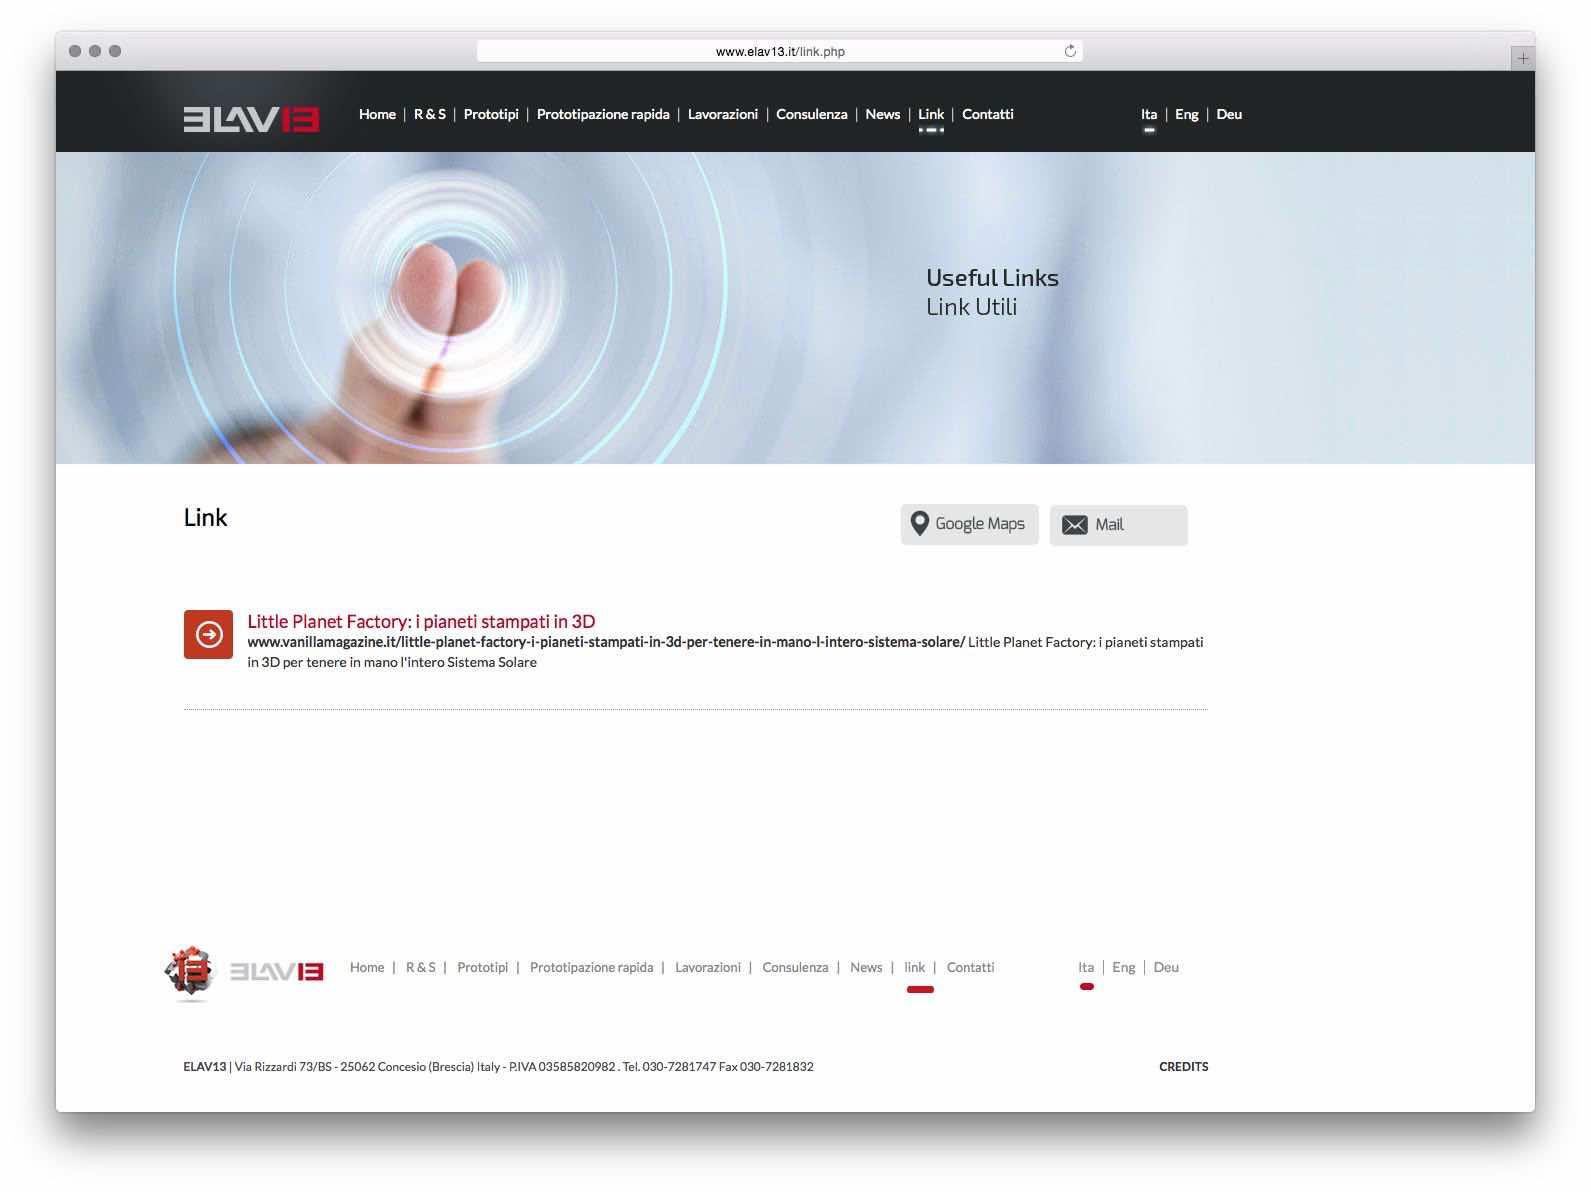 Creazione Siti Web Brescia - Sito Web Elav13